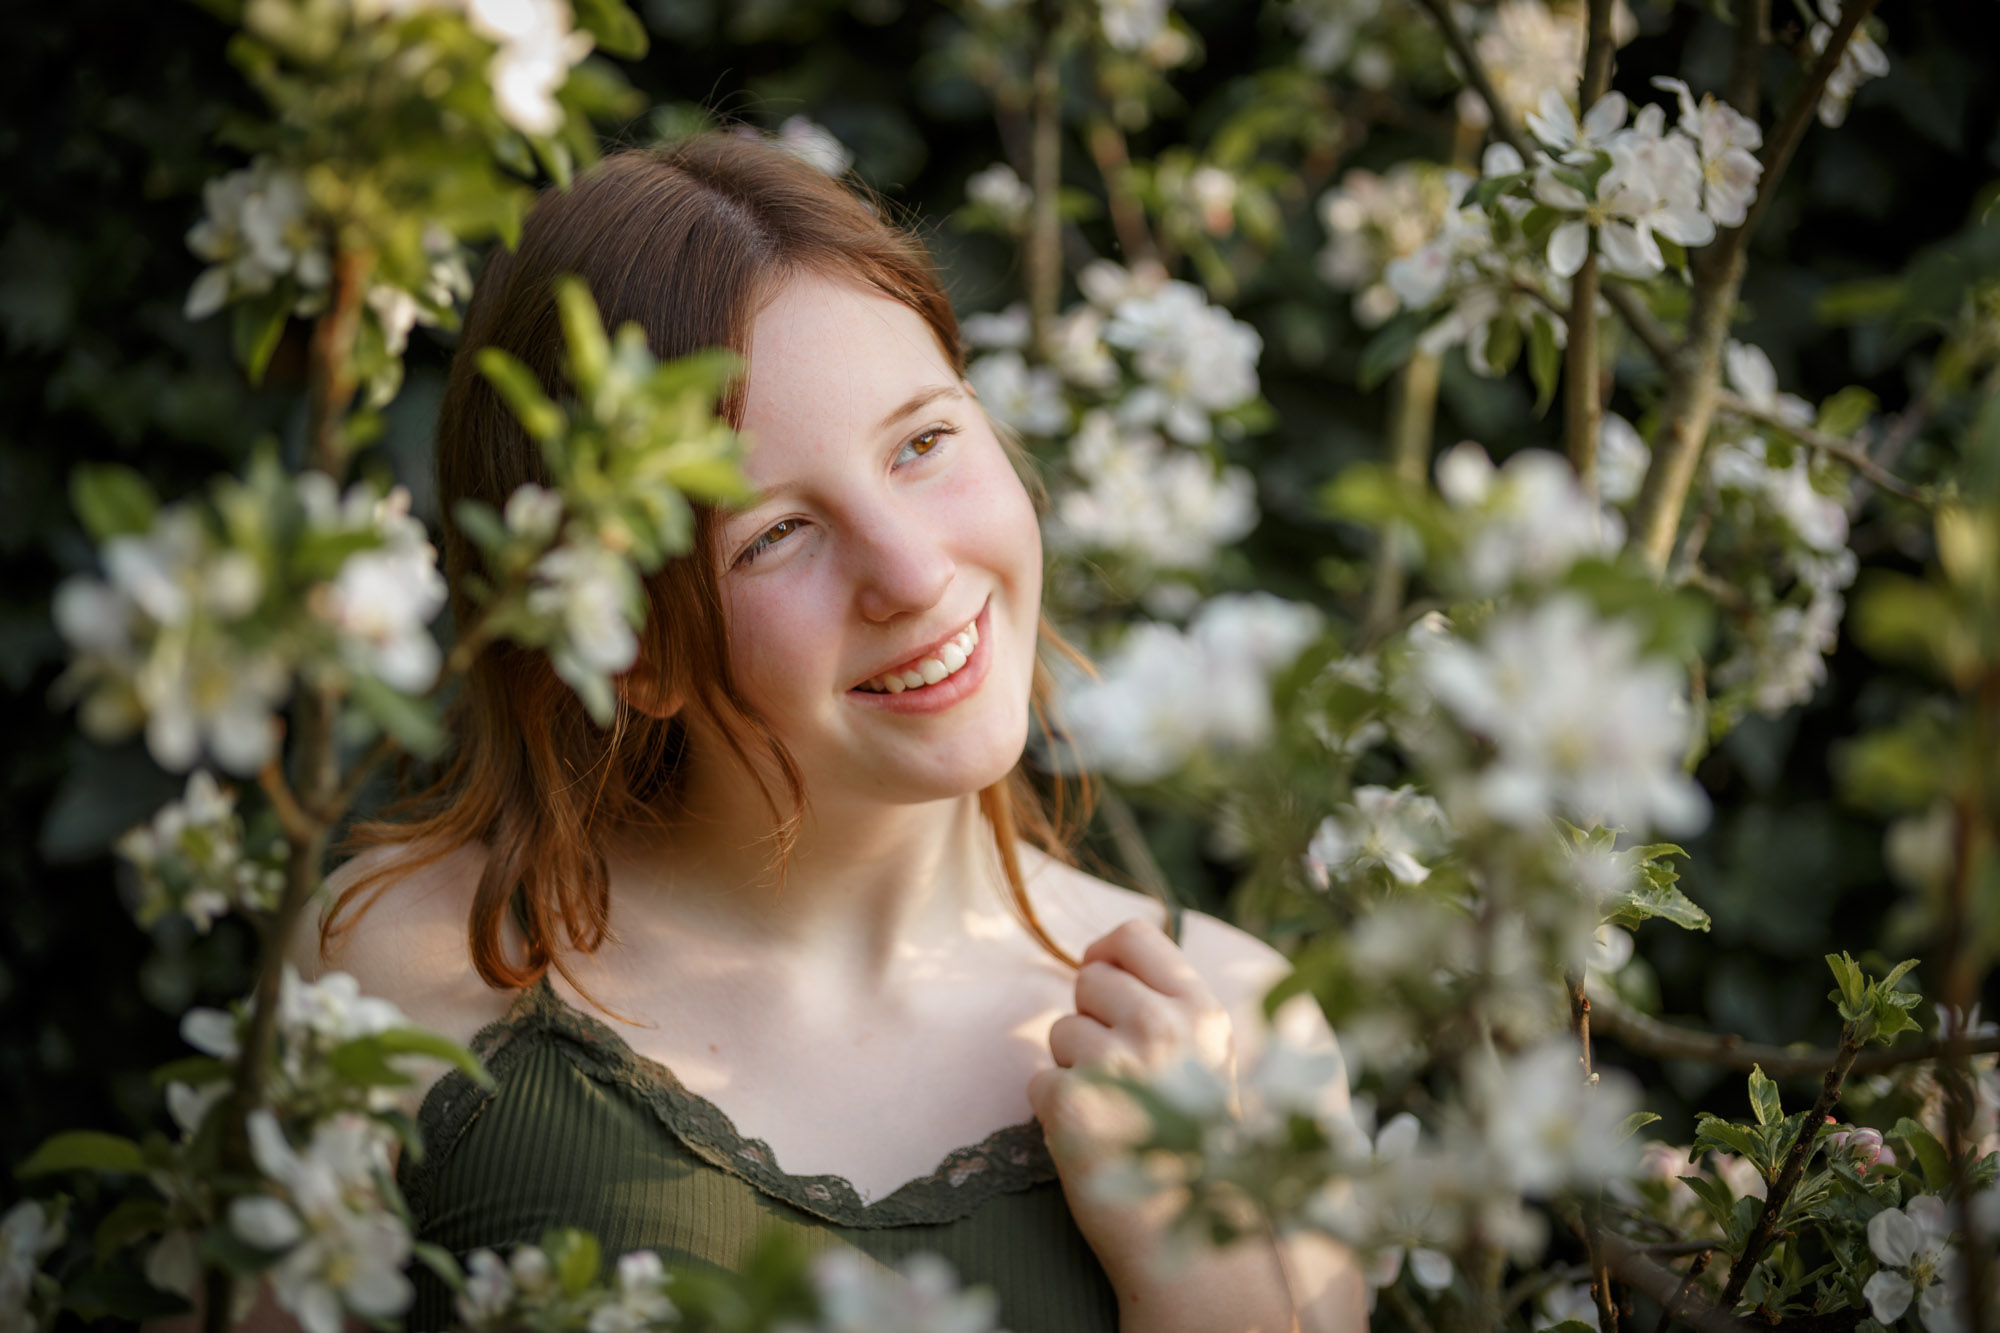 portret van tiener meisje bij witte bloesem takken door mayrafotografie